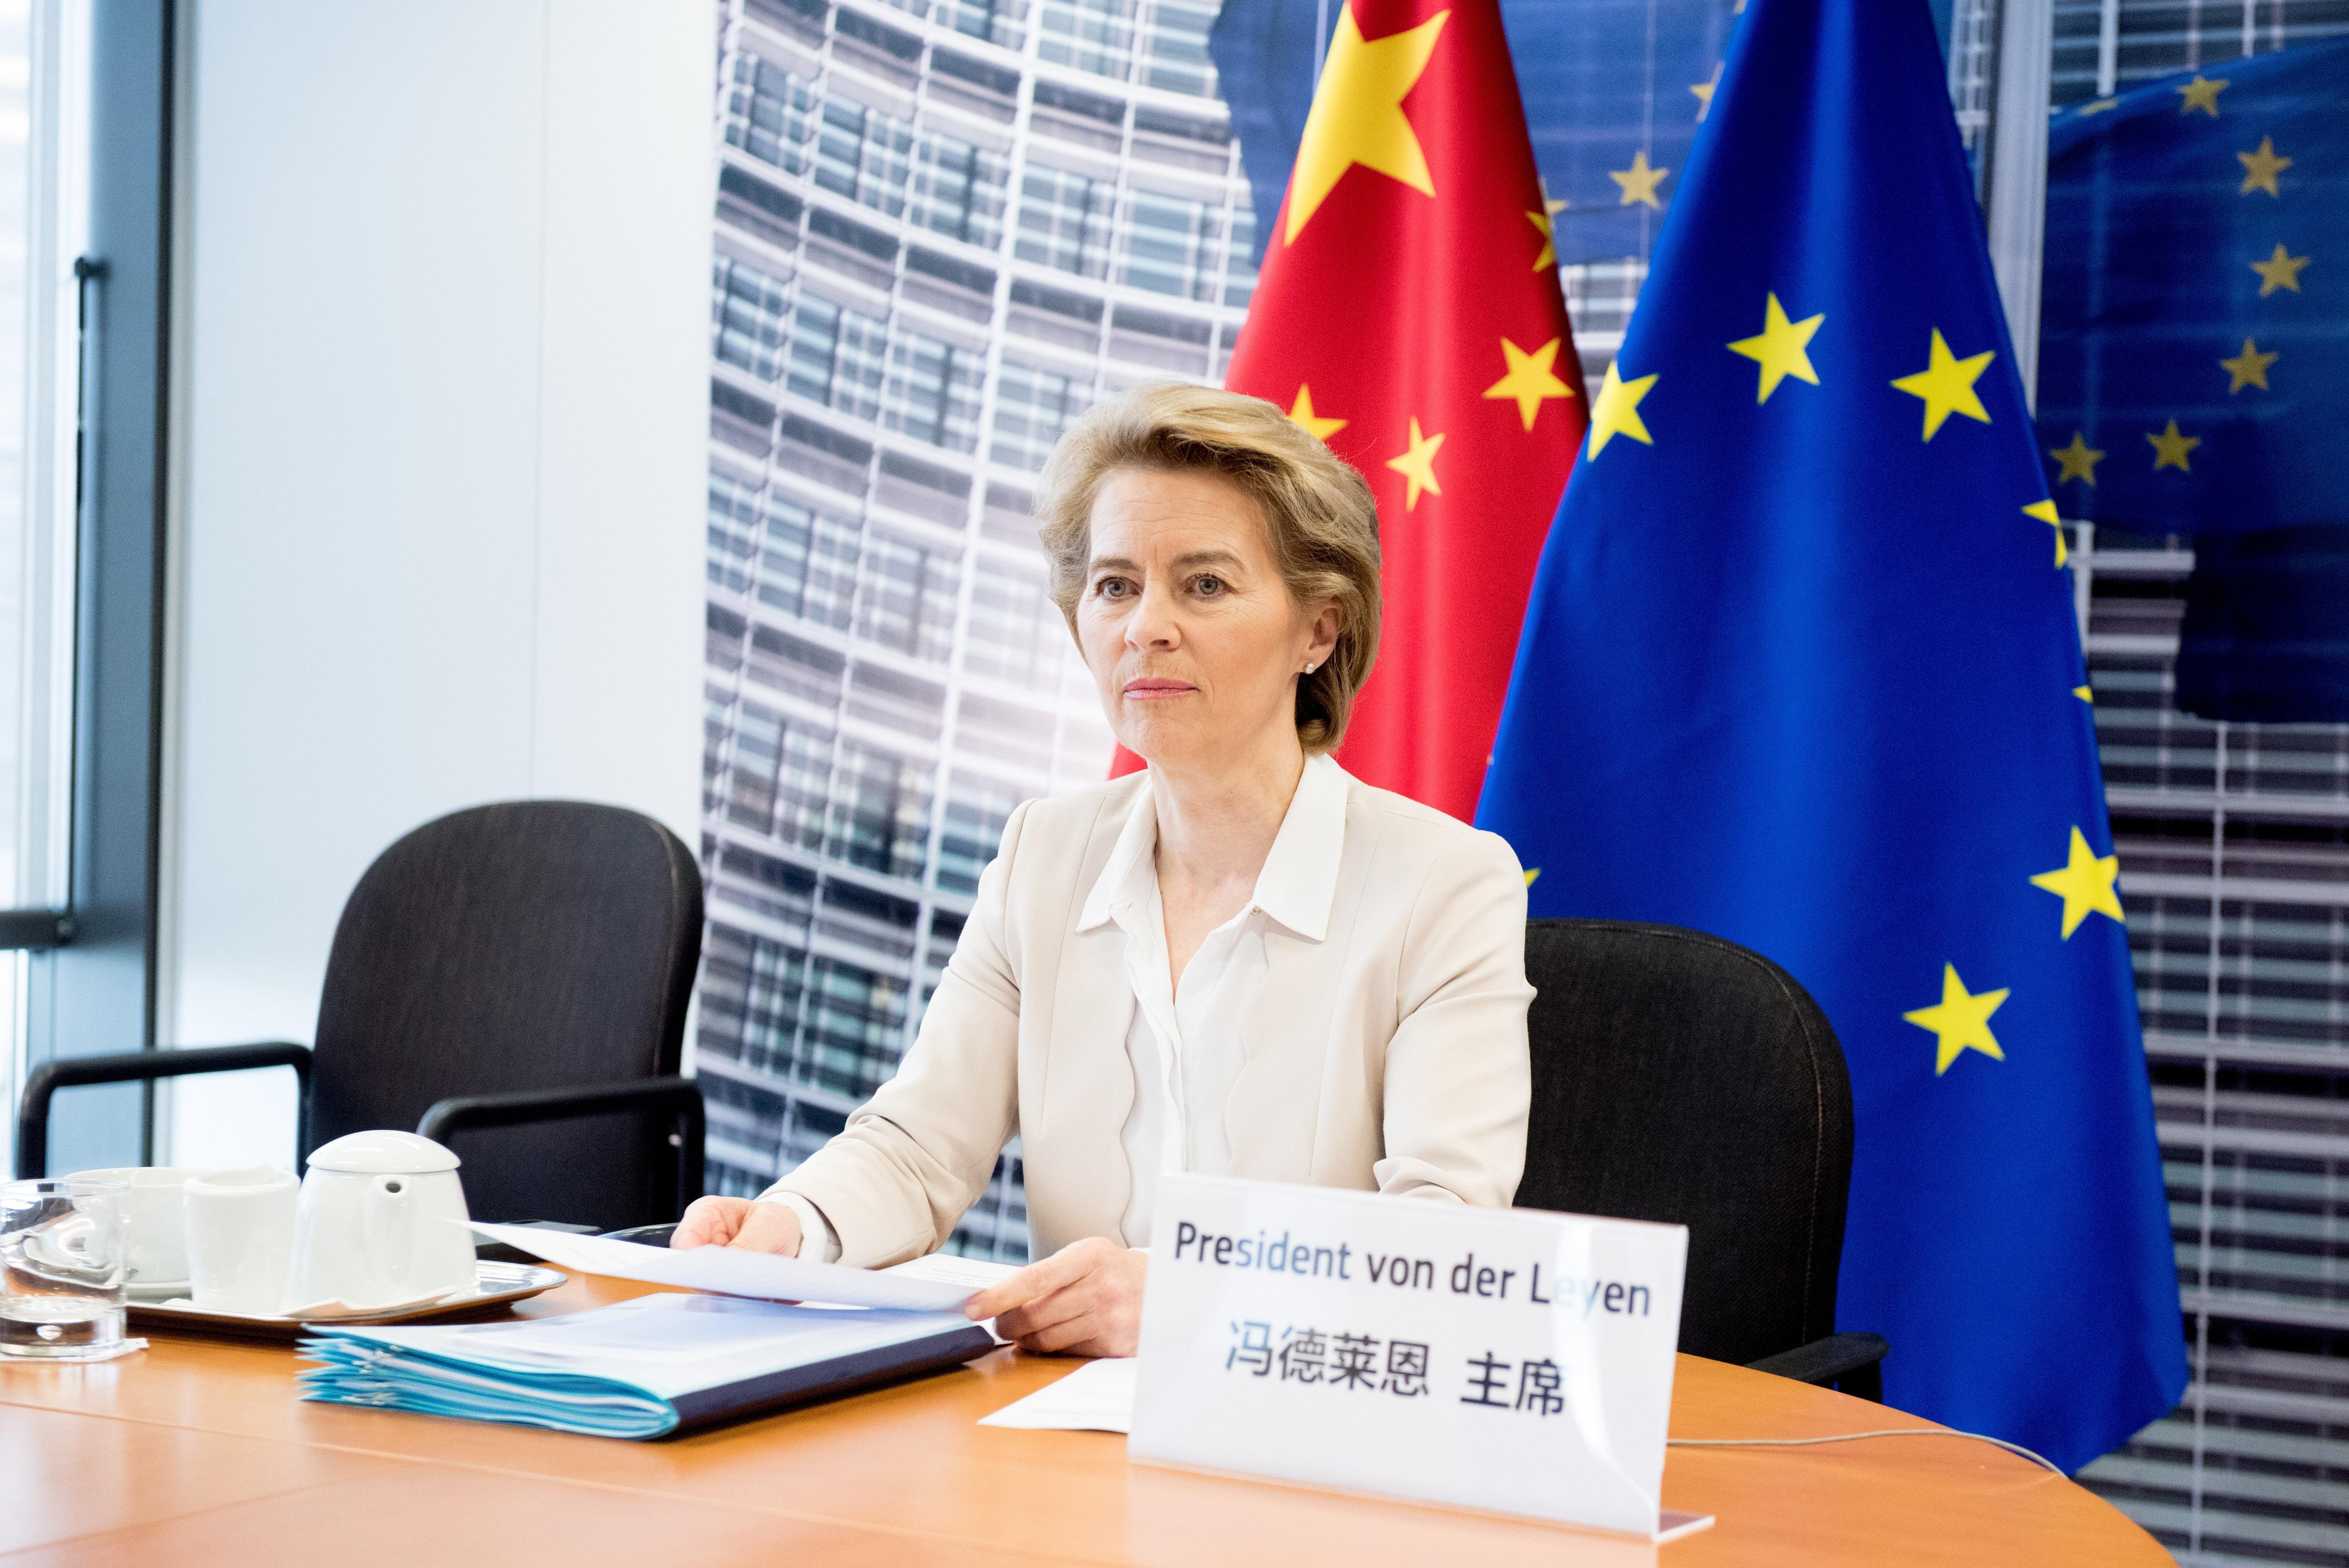 O que a cimeira UE-China mostrou 10